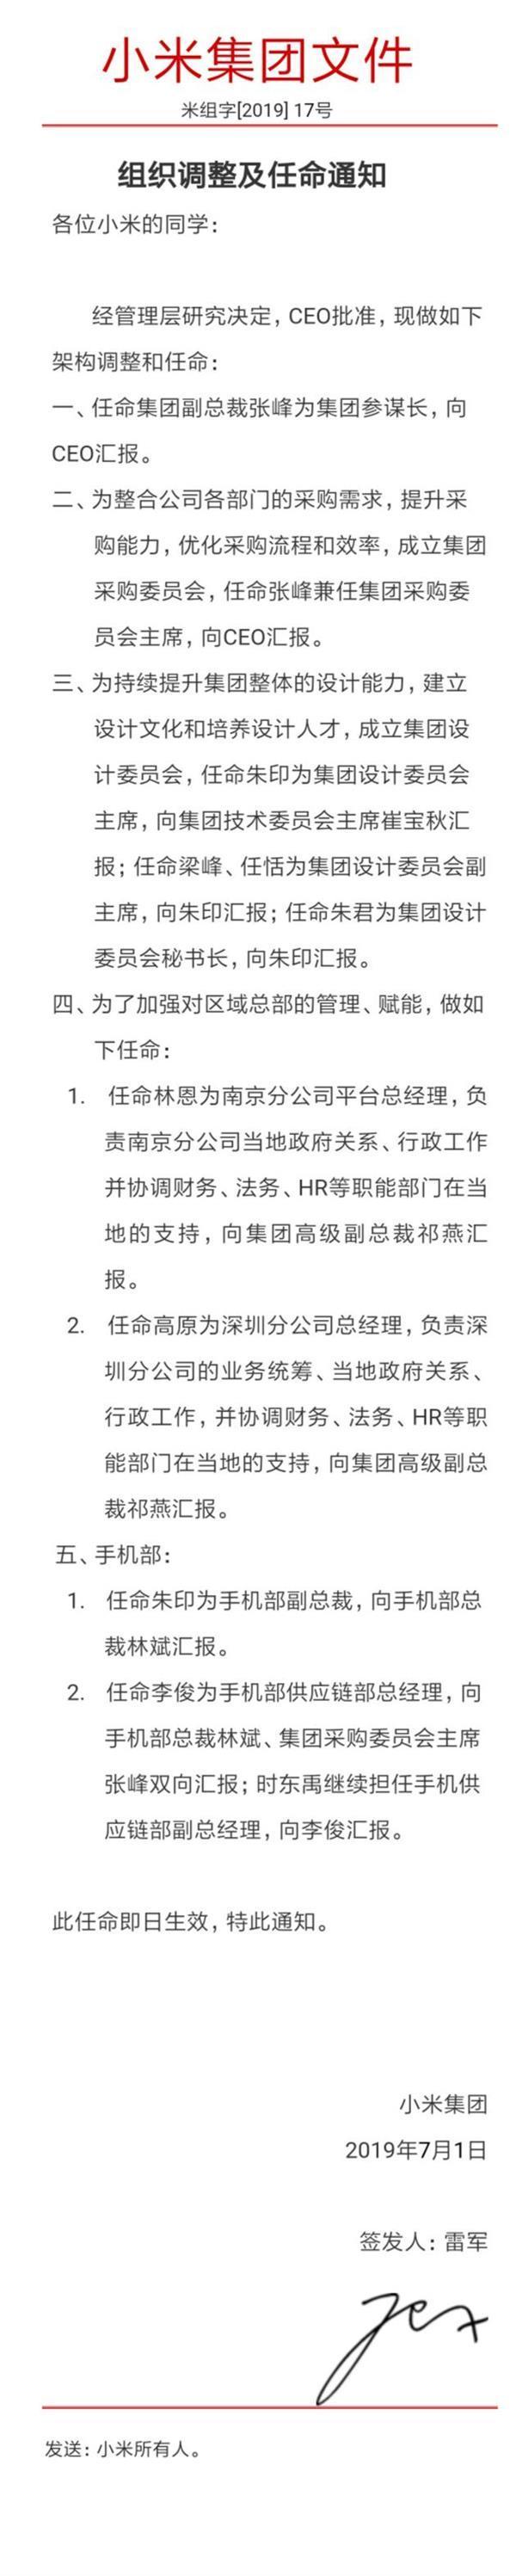 小米宣布成立采购委员会:6大部门构建完成 迎接5G爆发